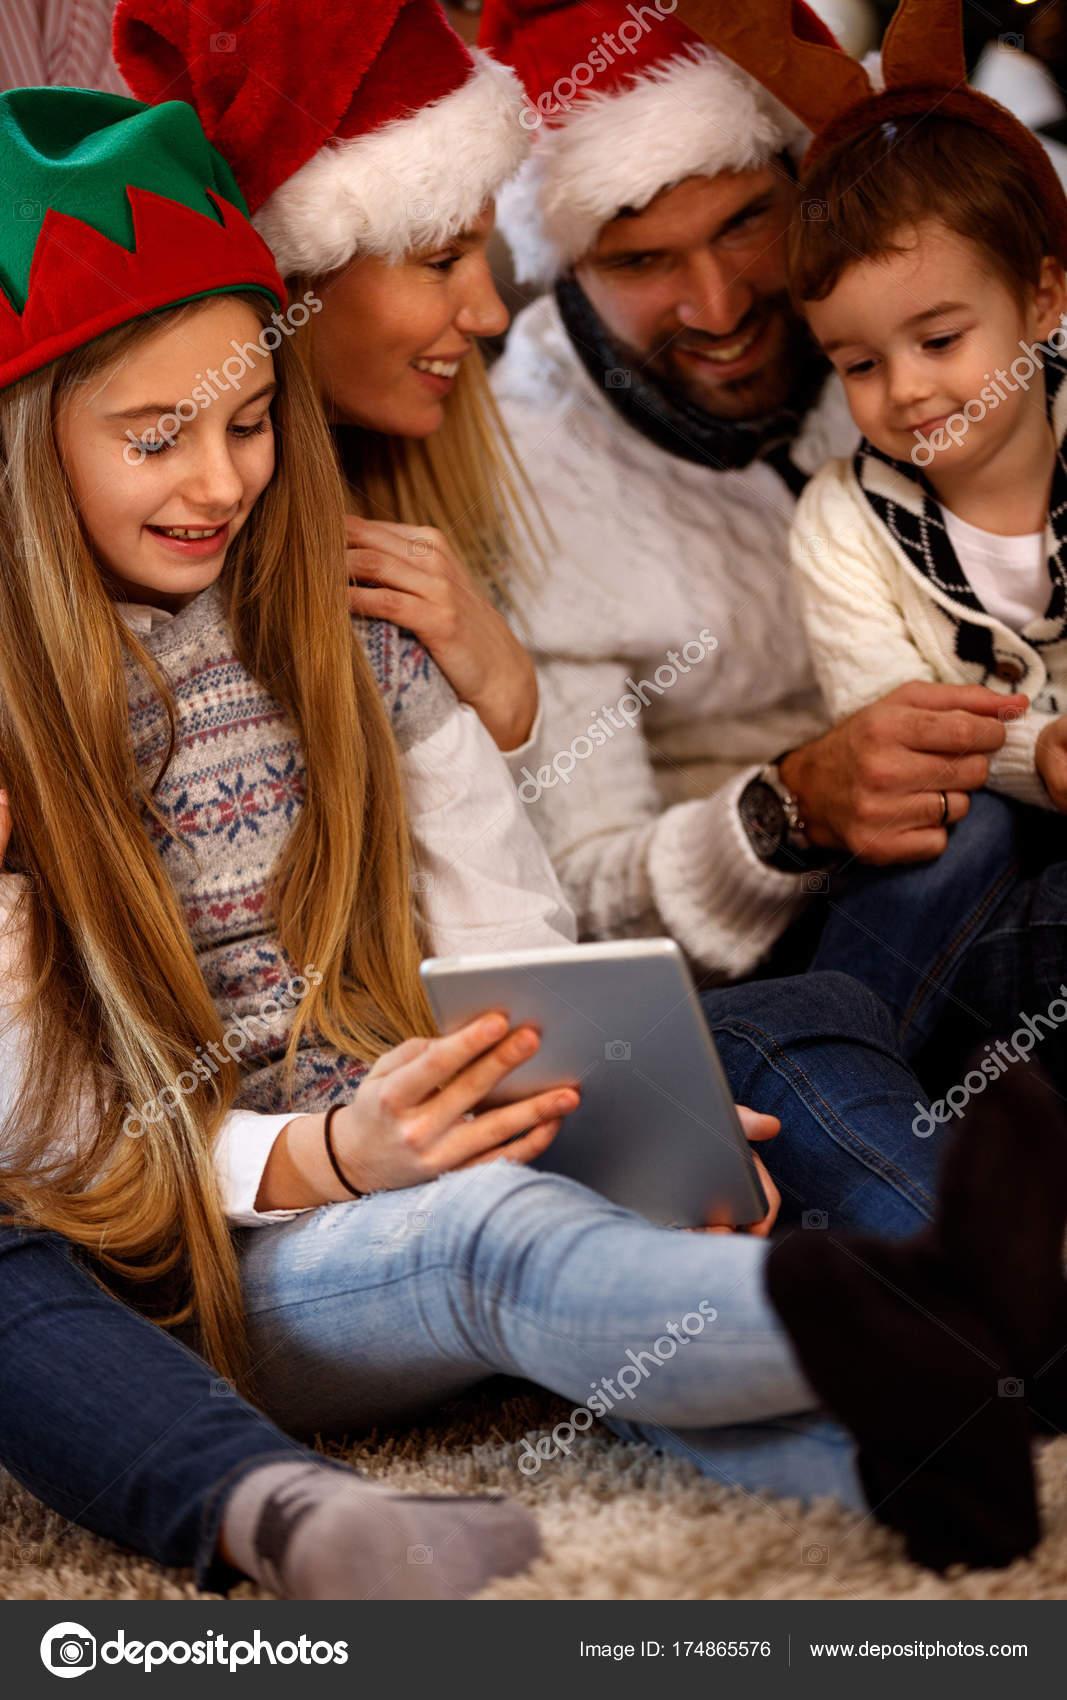 Weihnachtsbilder Suchen.Kinder Mit Eltern Suchen Weihnachtsbilder Stockfoto